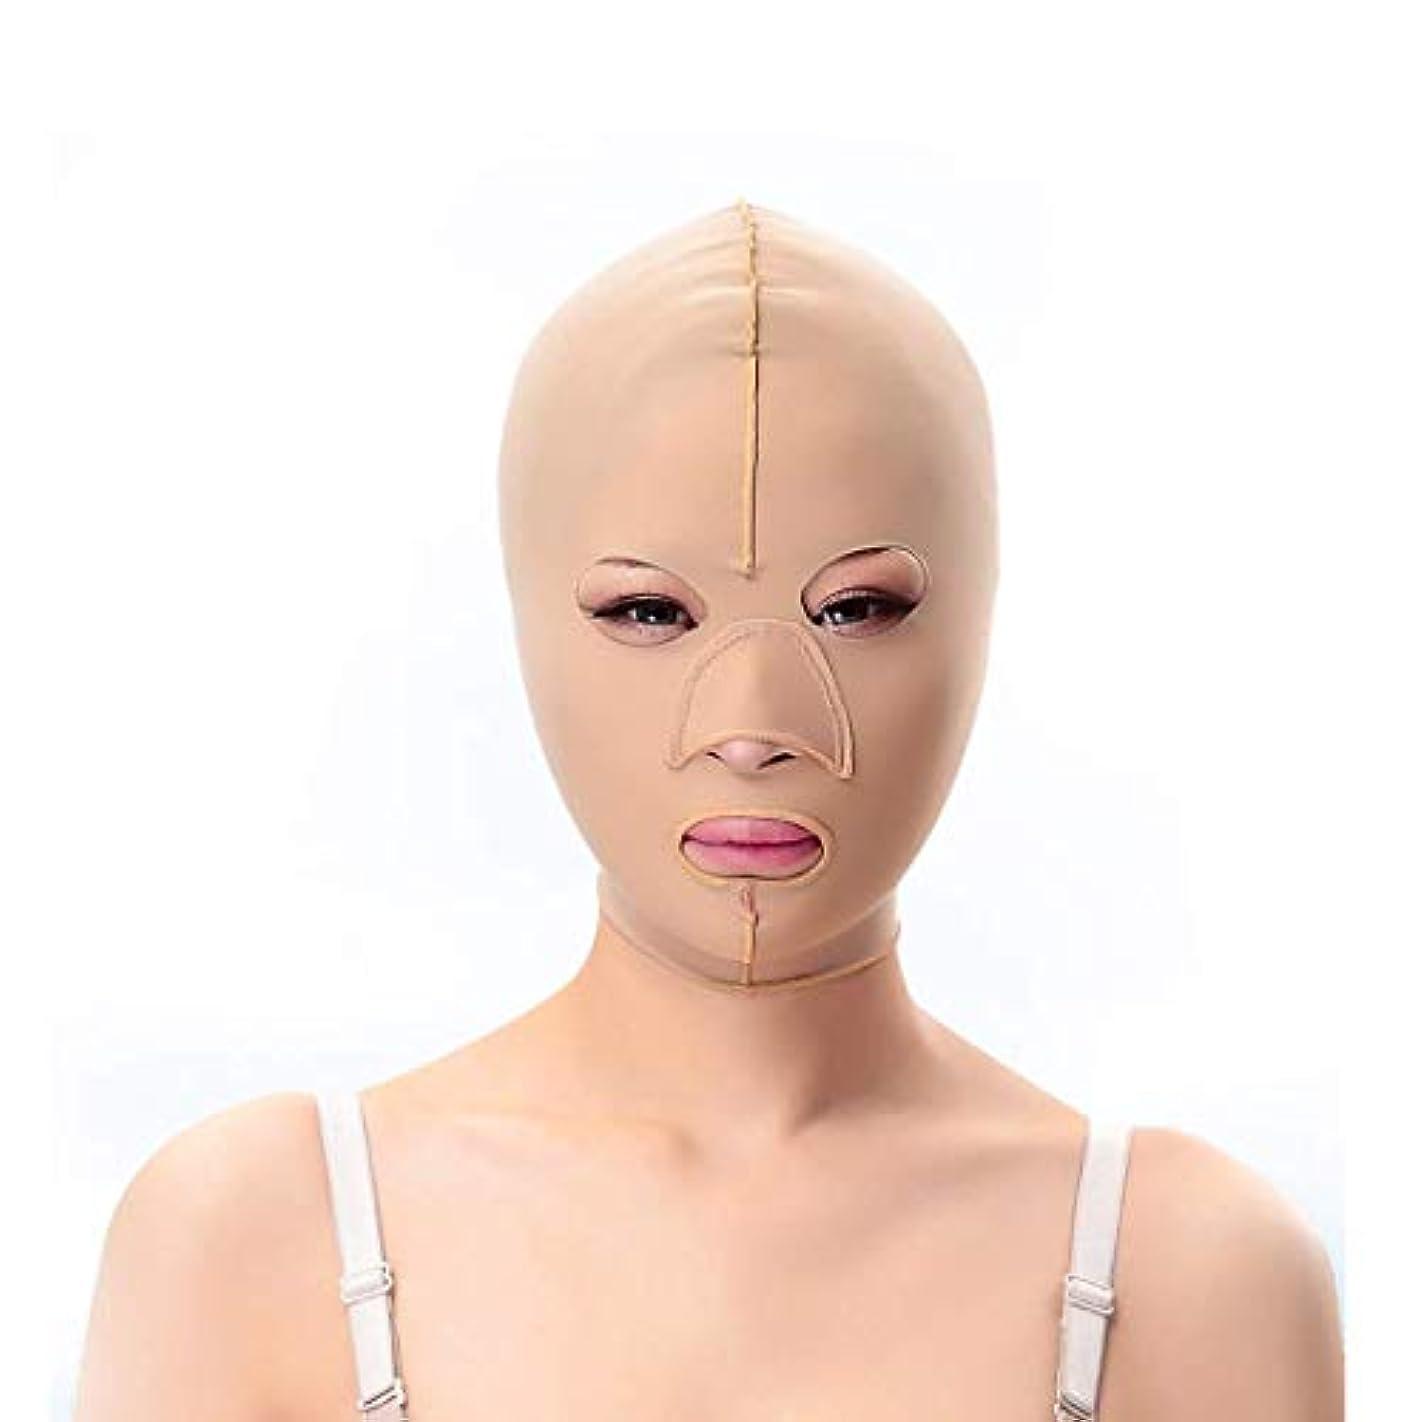 形状いつも期待してスリミングベルト、二重あごの引き締め顔のプラスチックフェイスアーティファクト強力なフェイス包帯を脇に持ち上げるパターンを欺くためのフェイシャルマスクシンフェイスマスク(サイズ:L),ザ?